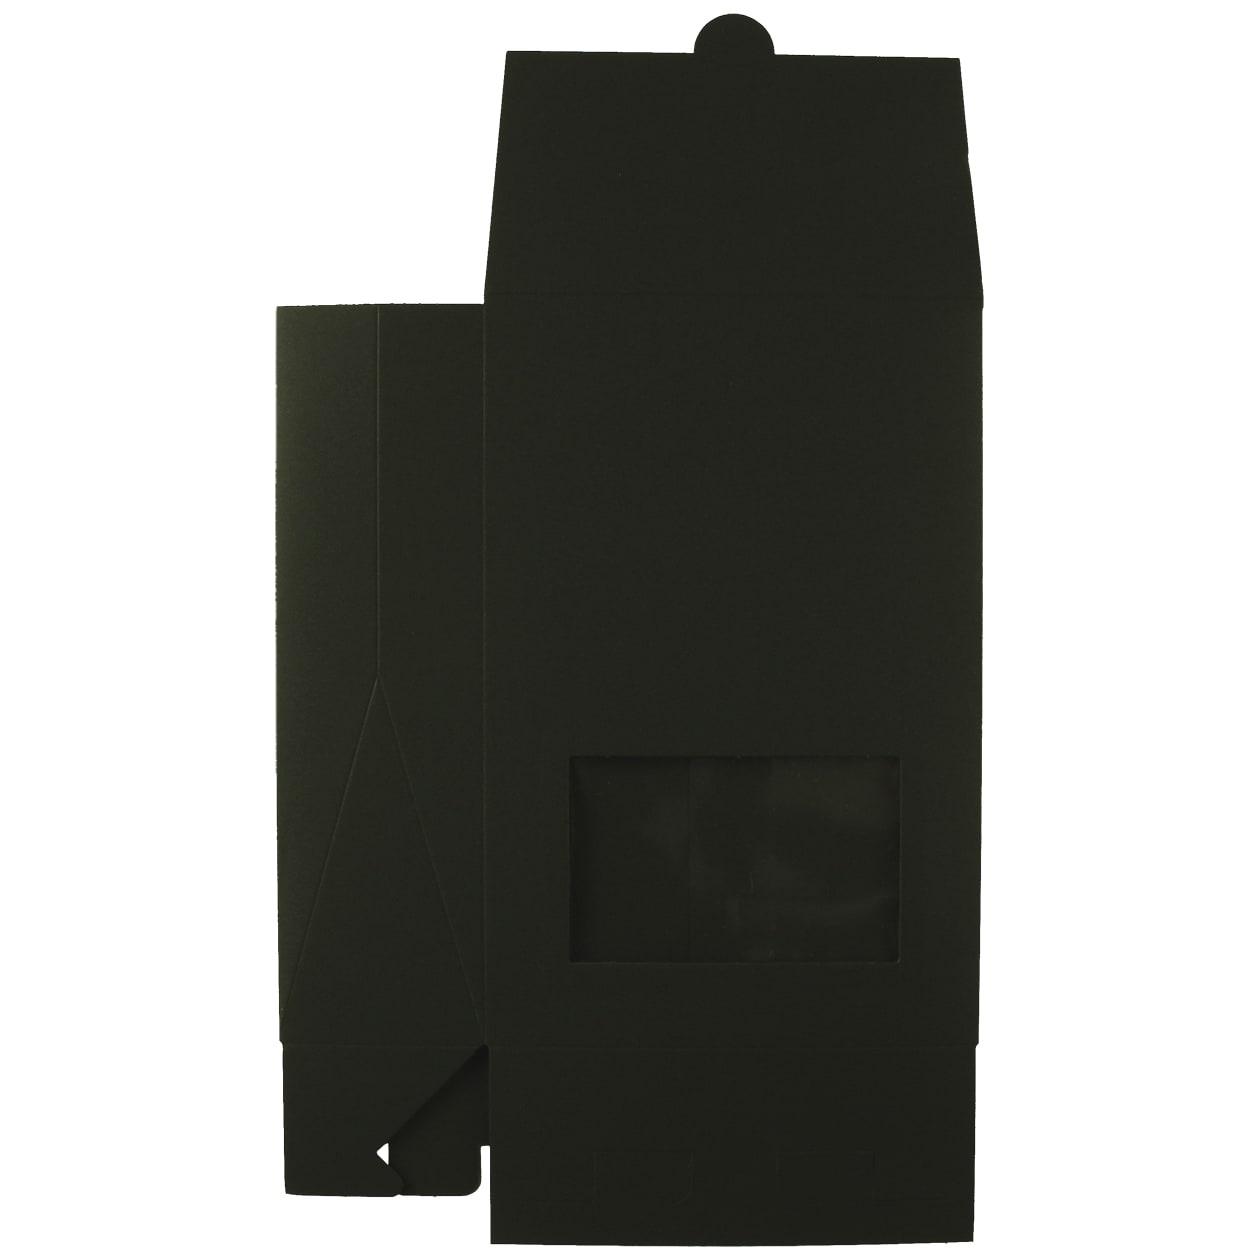 角底箱ロック式120×180×50 窓付 ボード紙 ブラック 258.1g